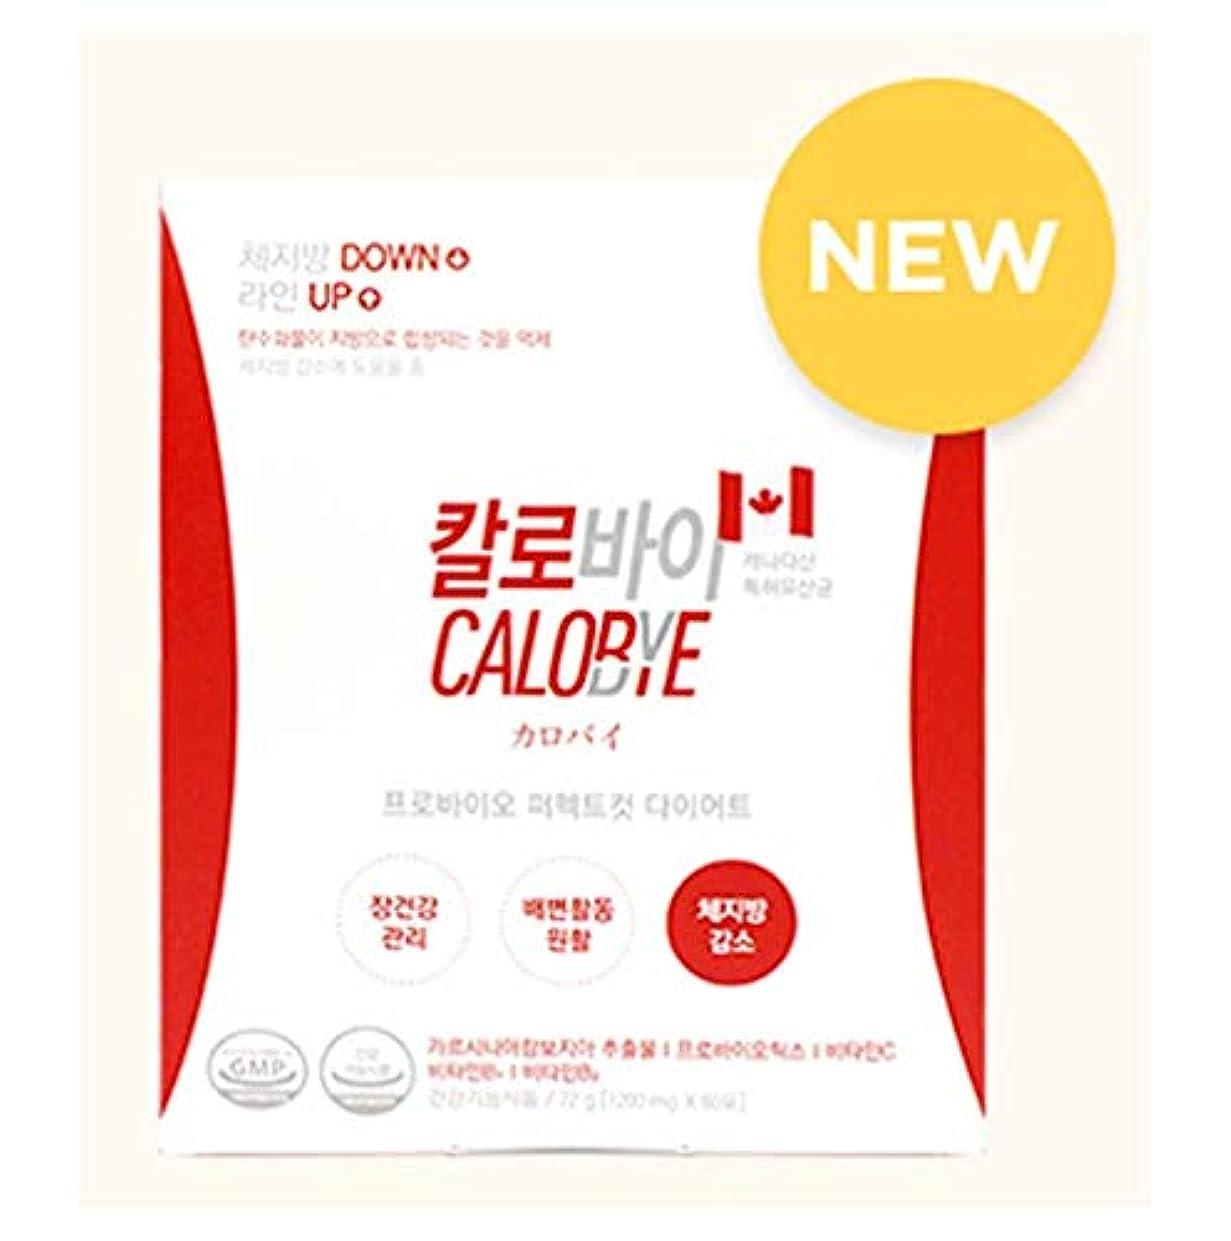 モンスター多数の削減New CALOBYE Premium: 減量食薬 Weight Loss Diet for 1month (60 Pouch=240pills/2times in a Day Before a Meal) Made in...